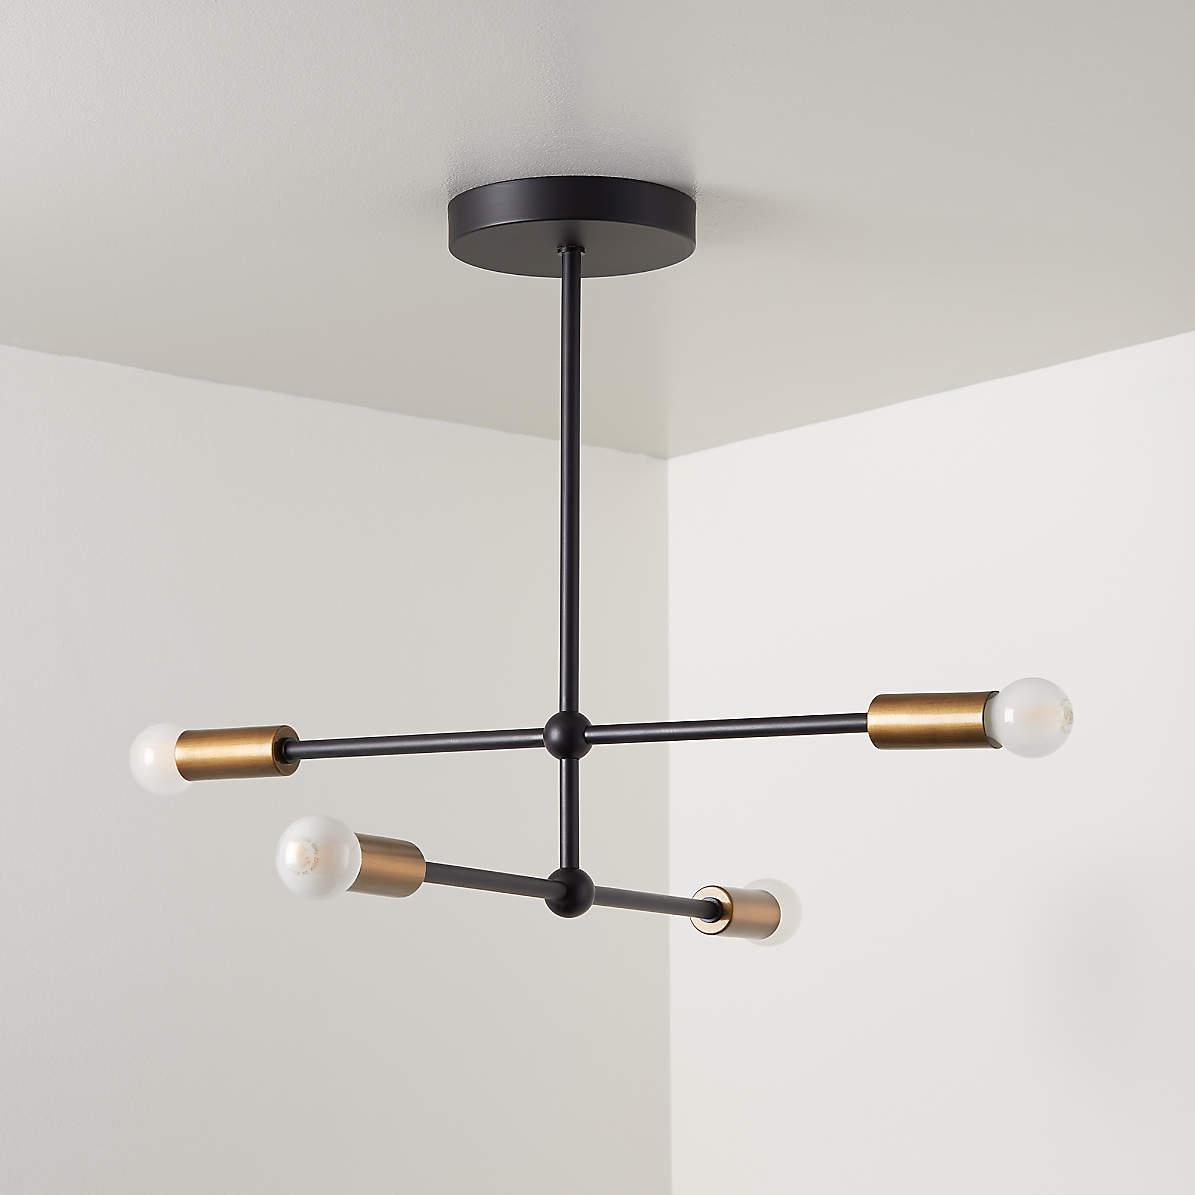 Image of: Sputnik Black Flush Mount Ceiling Light Reviews Crate And Barrel